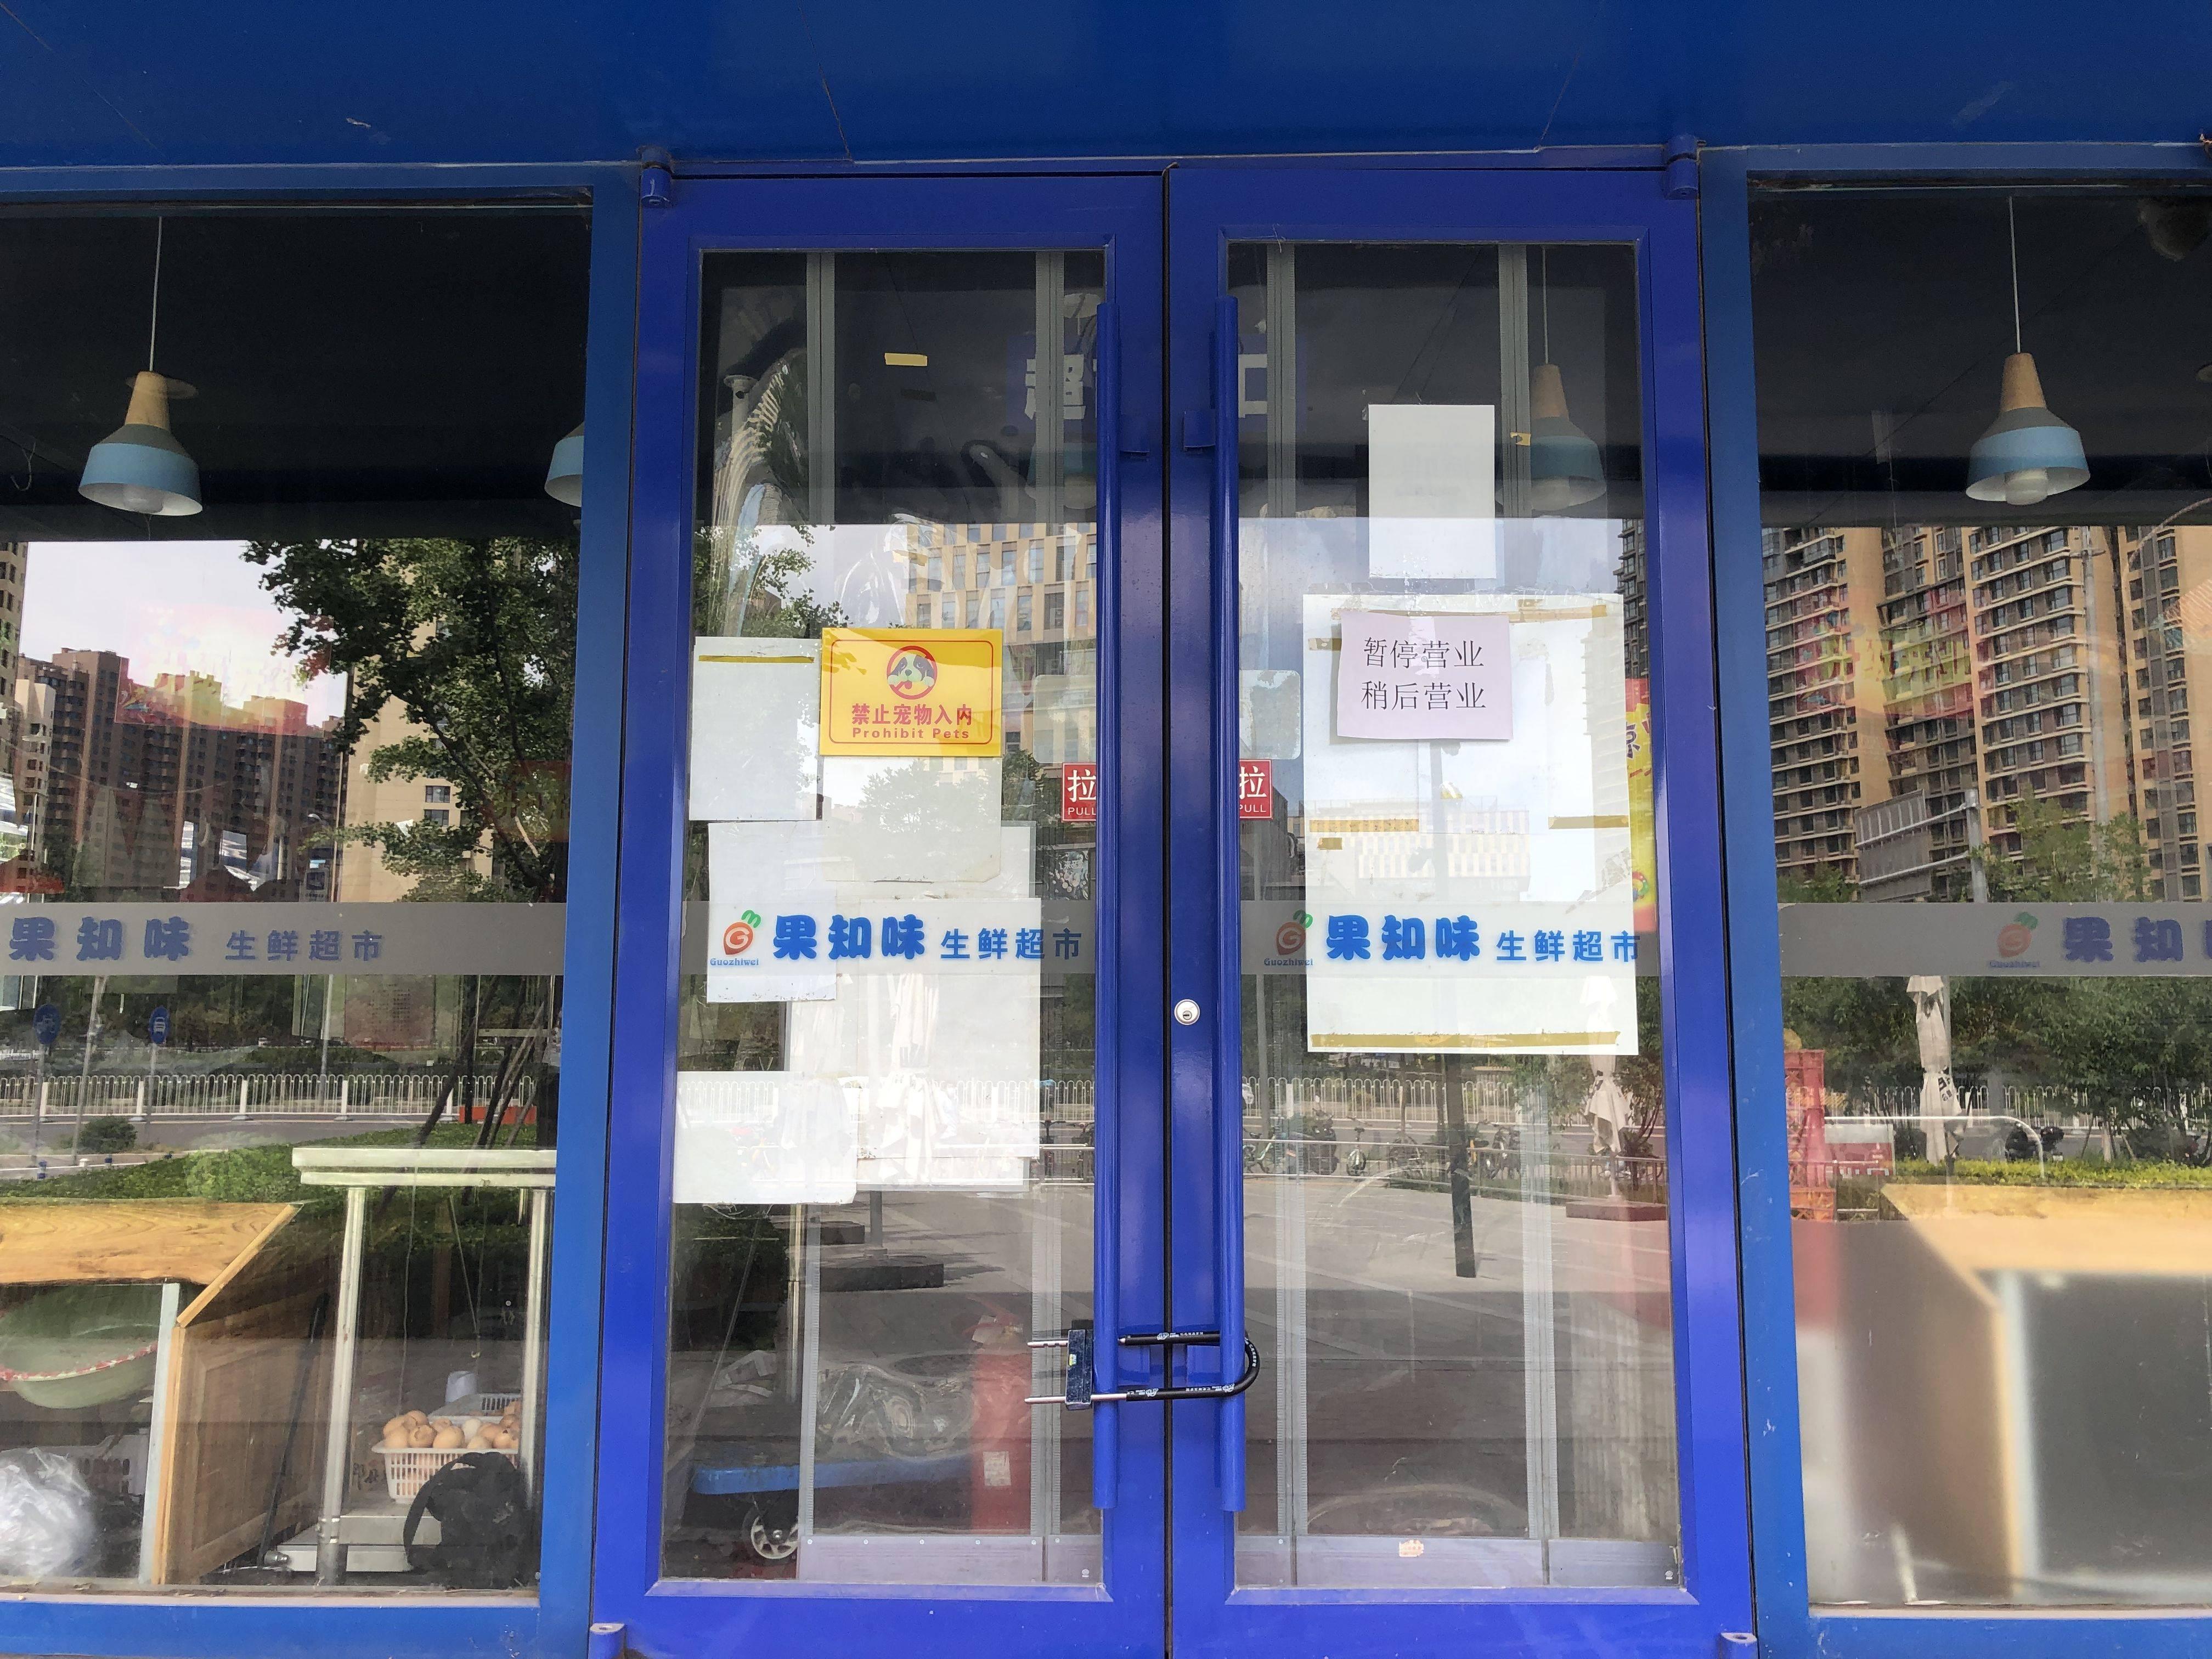 北京回龙观一果蔬超市8人为密切接触者,超市暂停营业